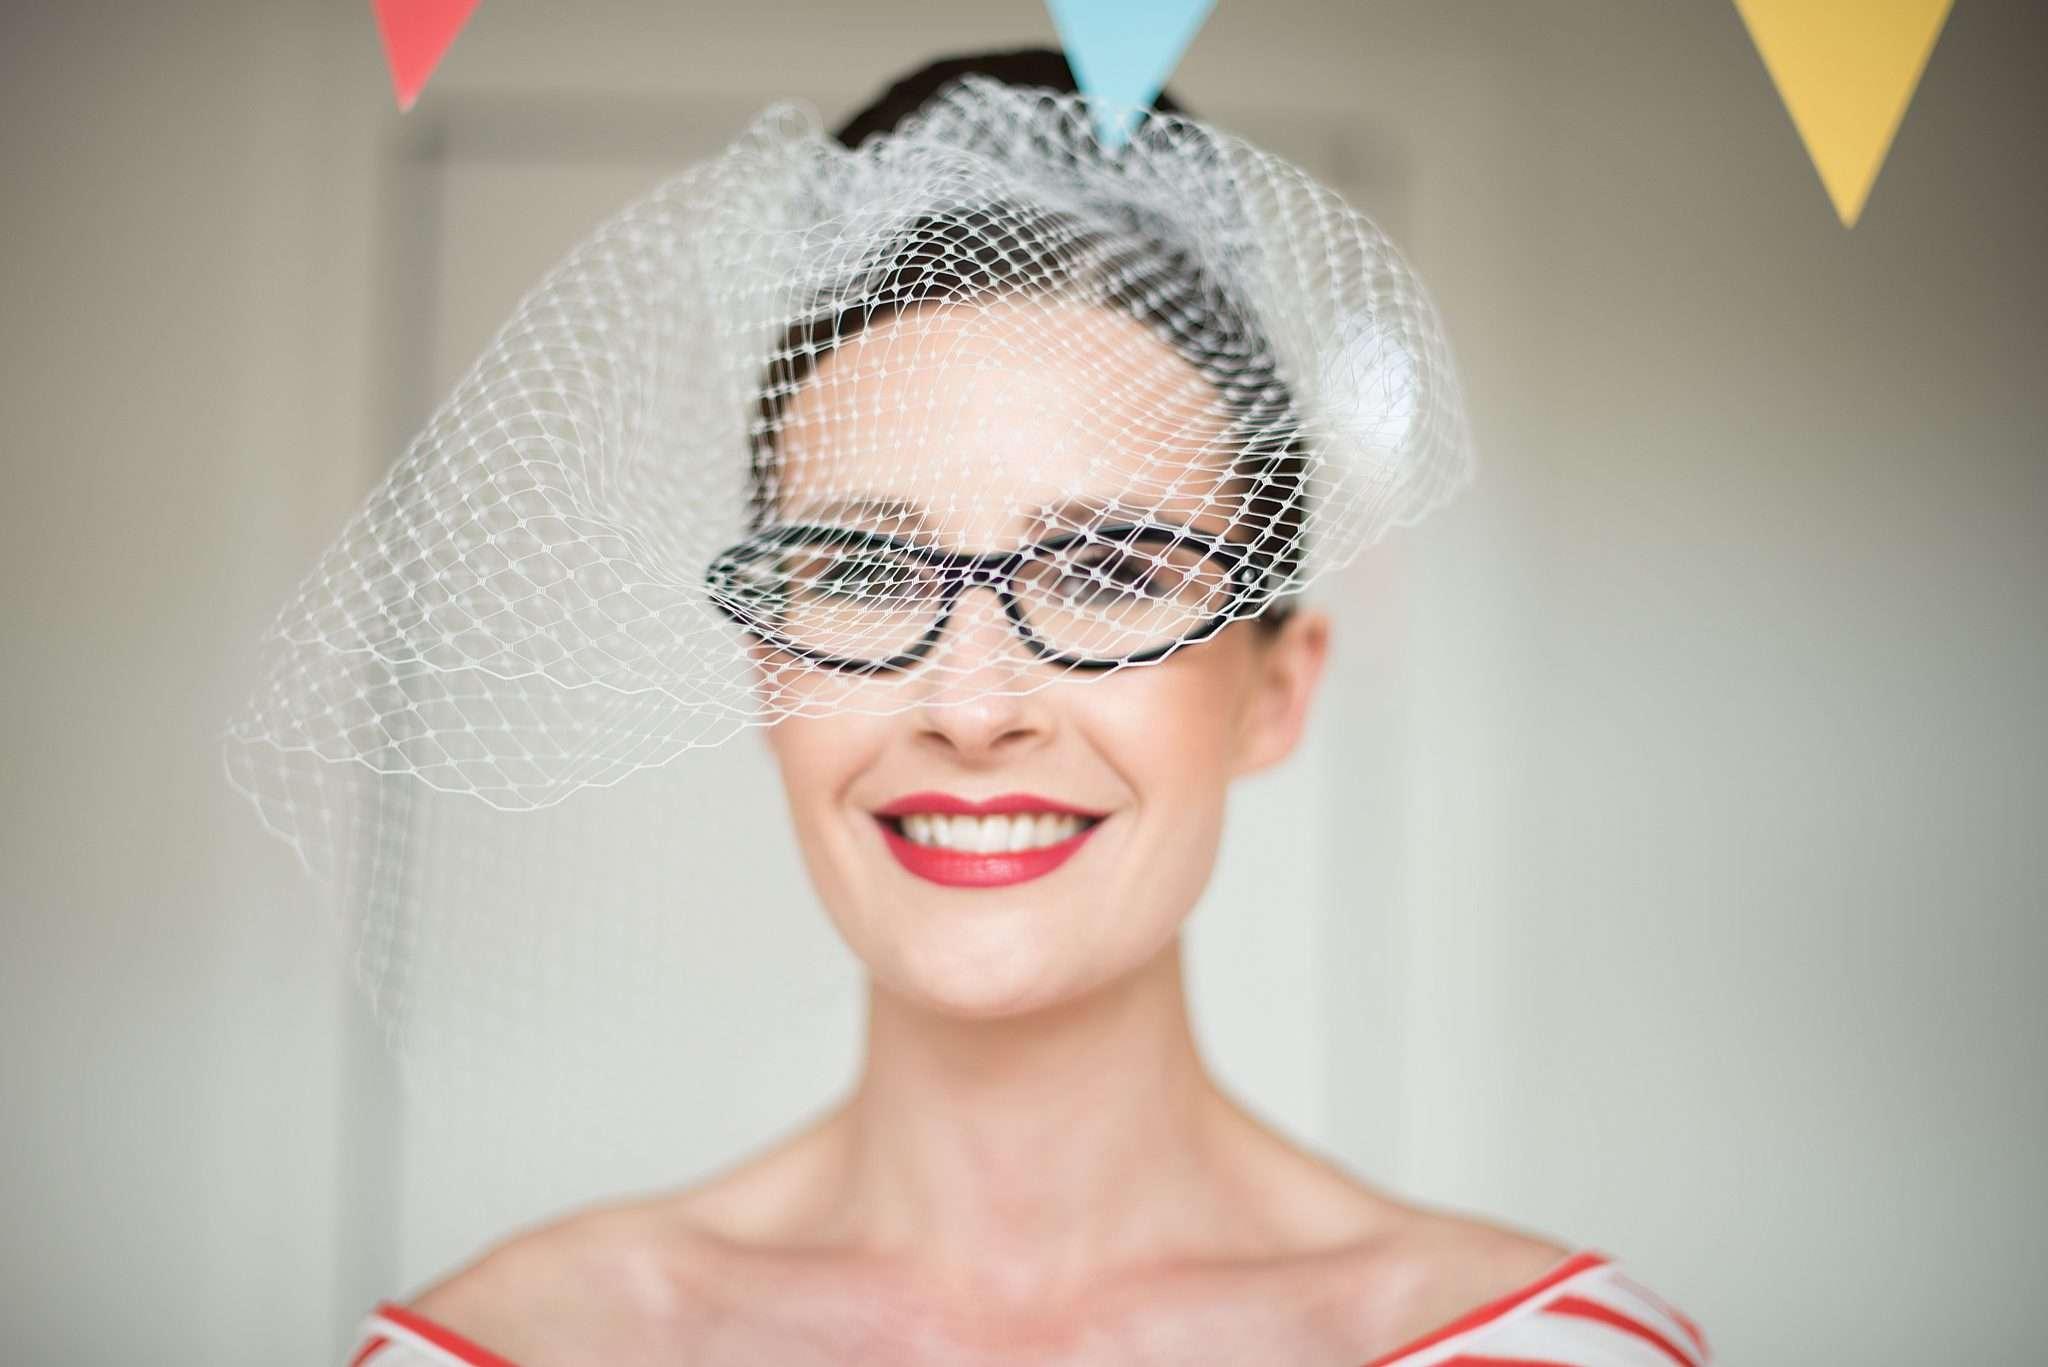 Fotografia sposa occhiali e velo a realizzata da Barbara Trincone fotografa con studio a Pozzuoli Napoli, specializzata in wedding reportage